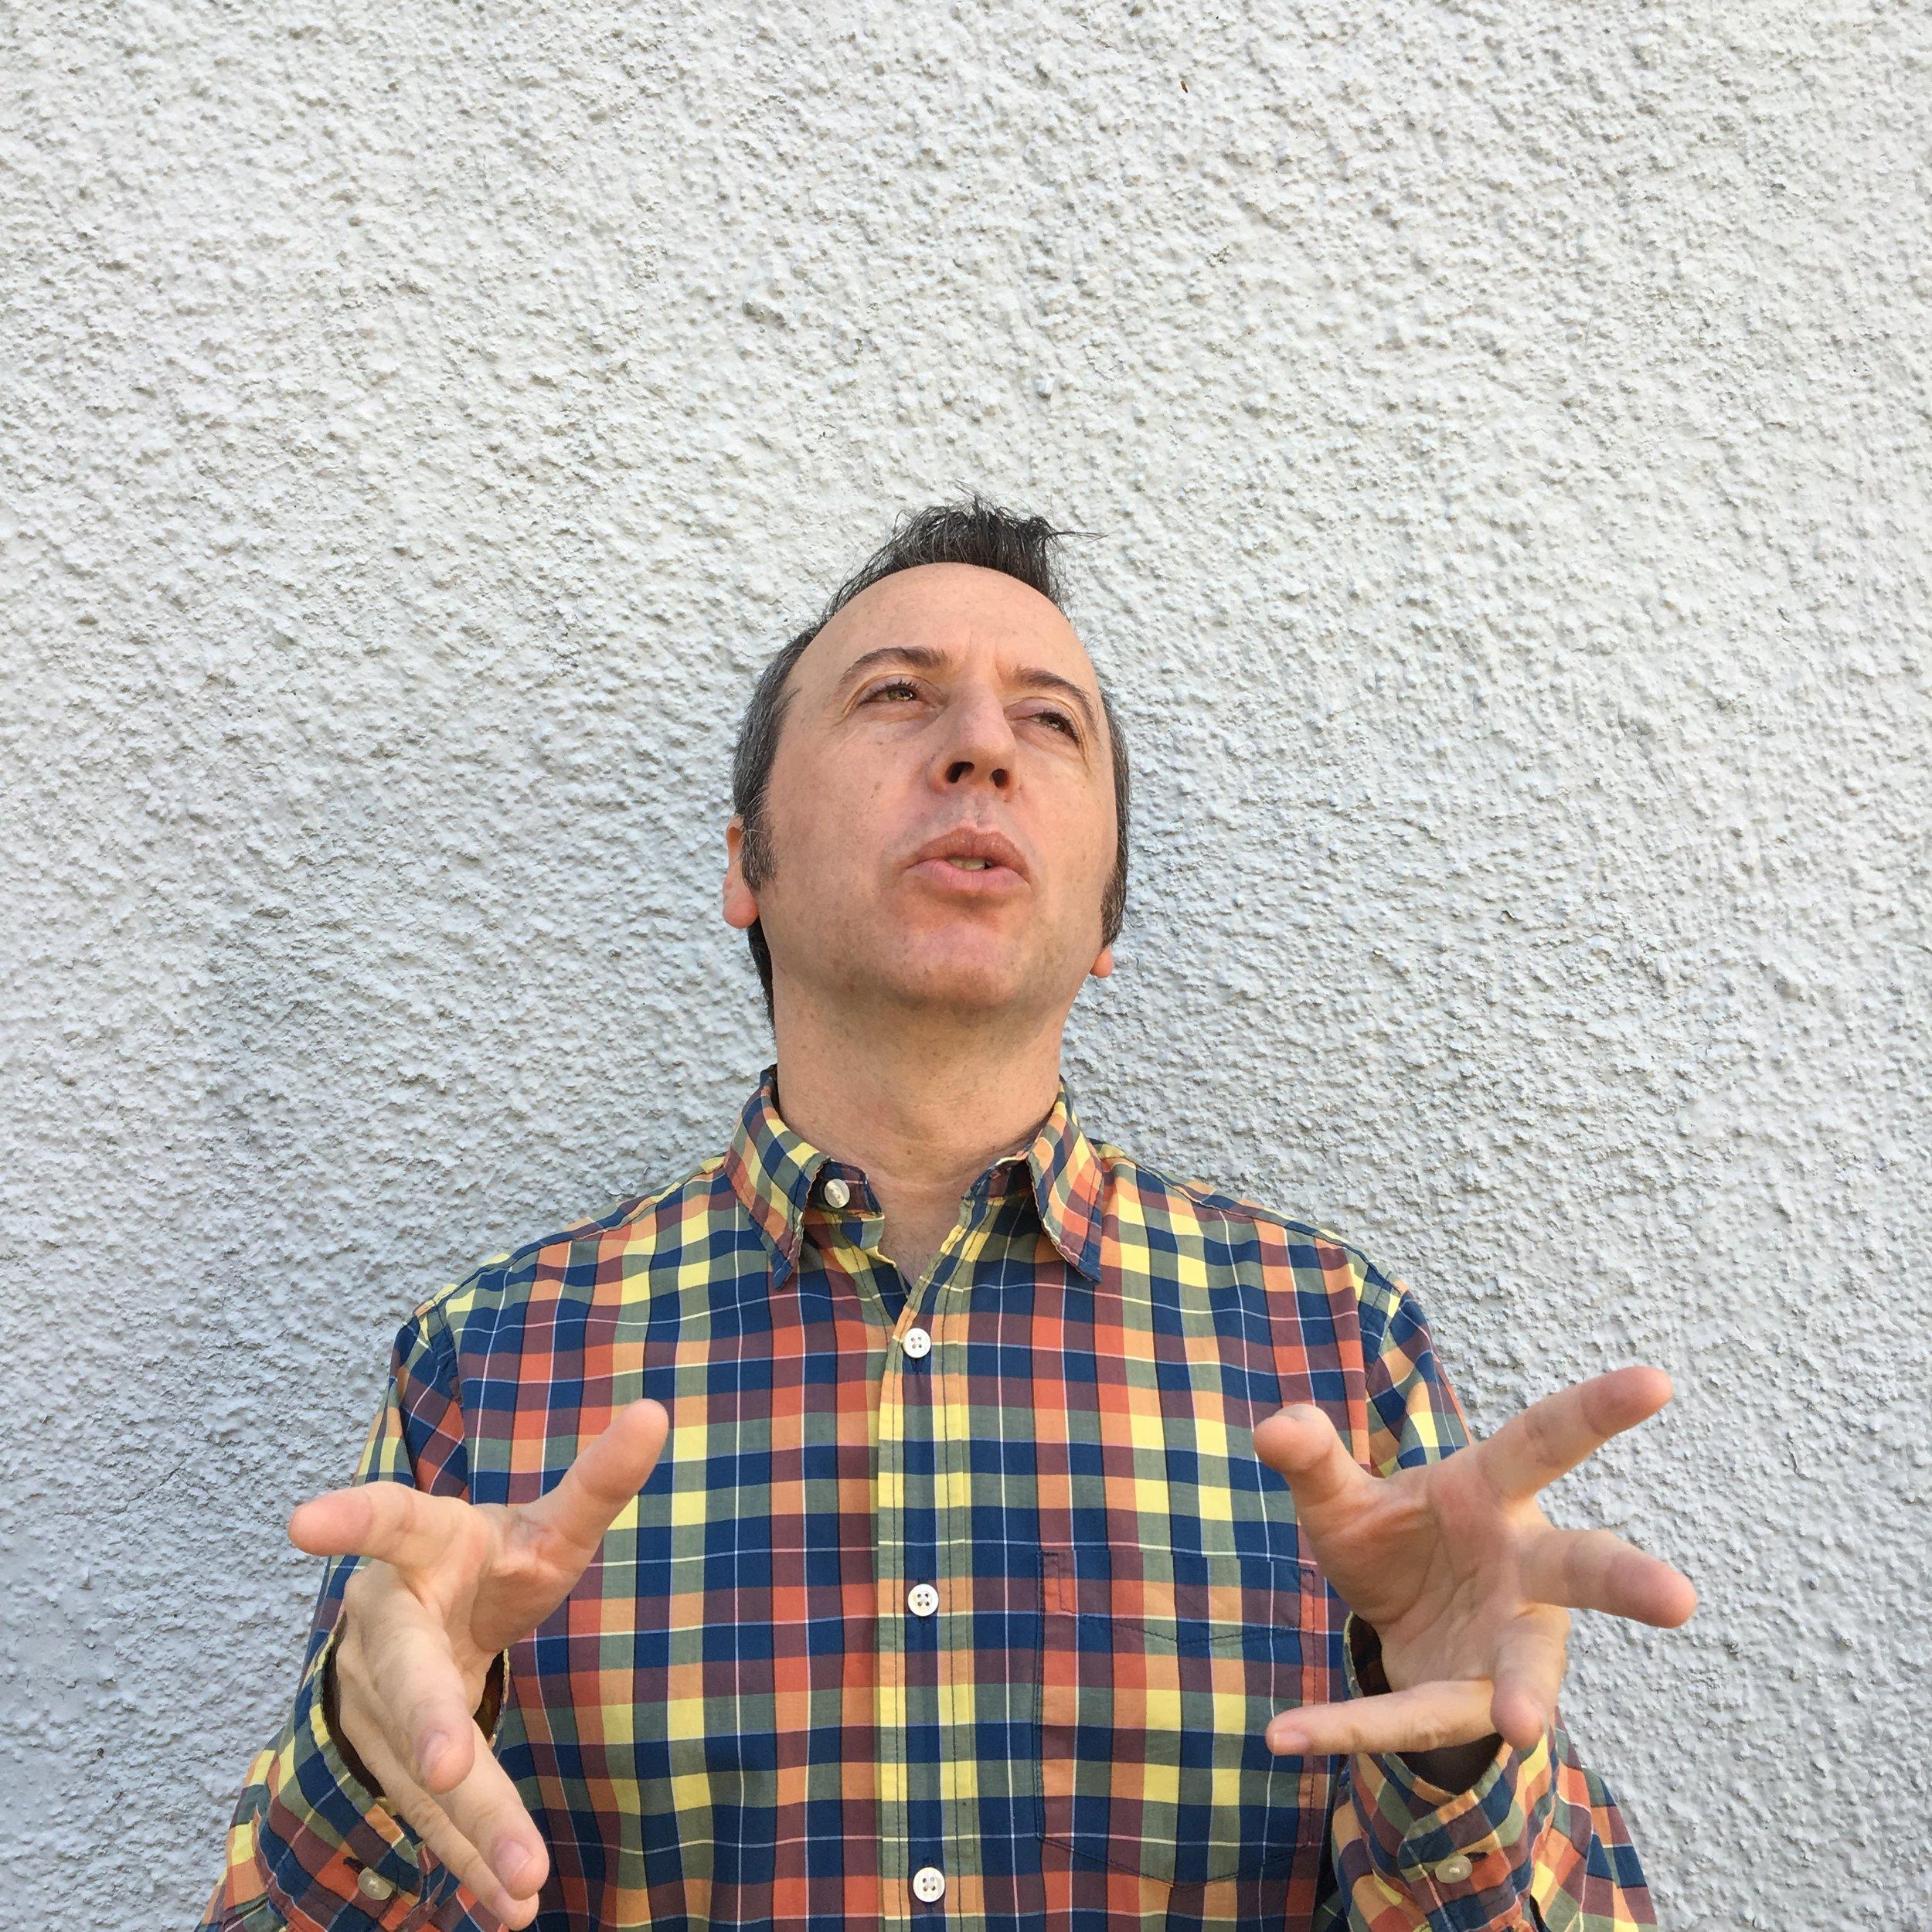 photo of cory talking.